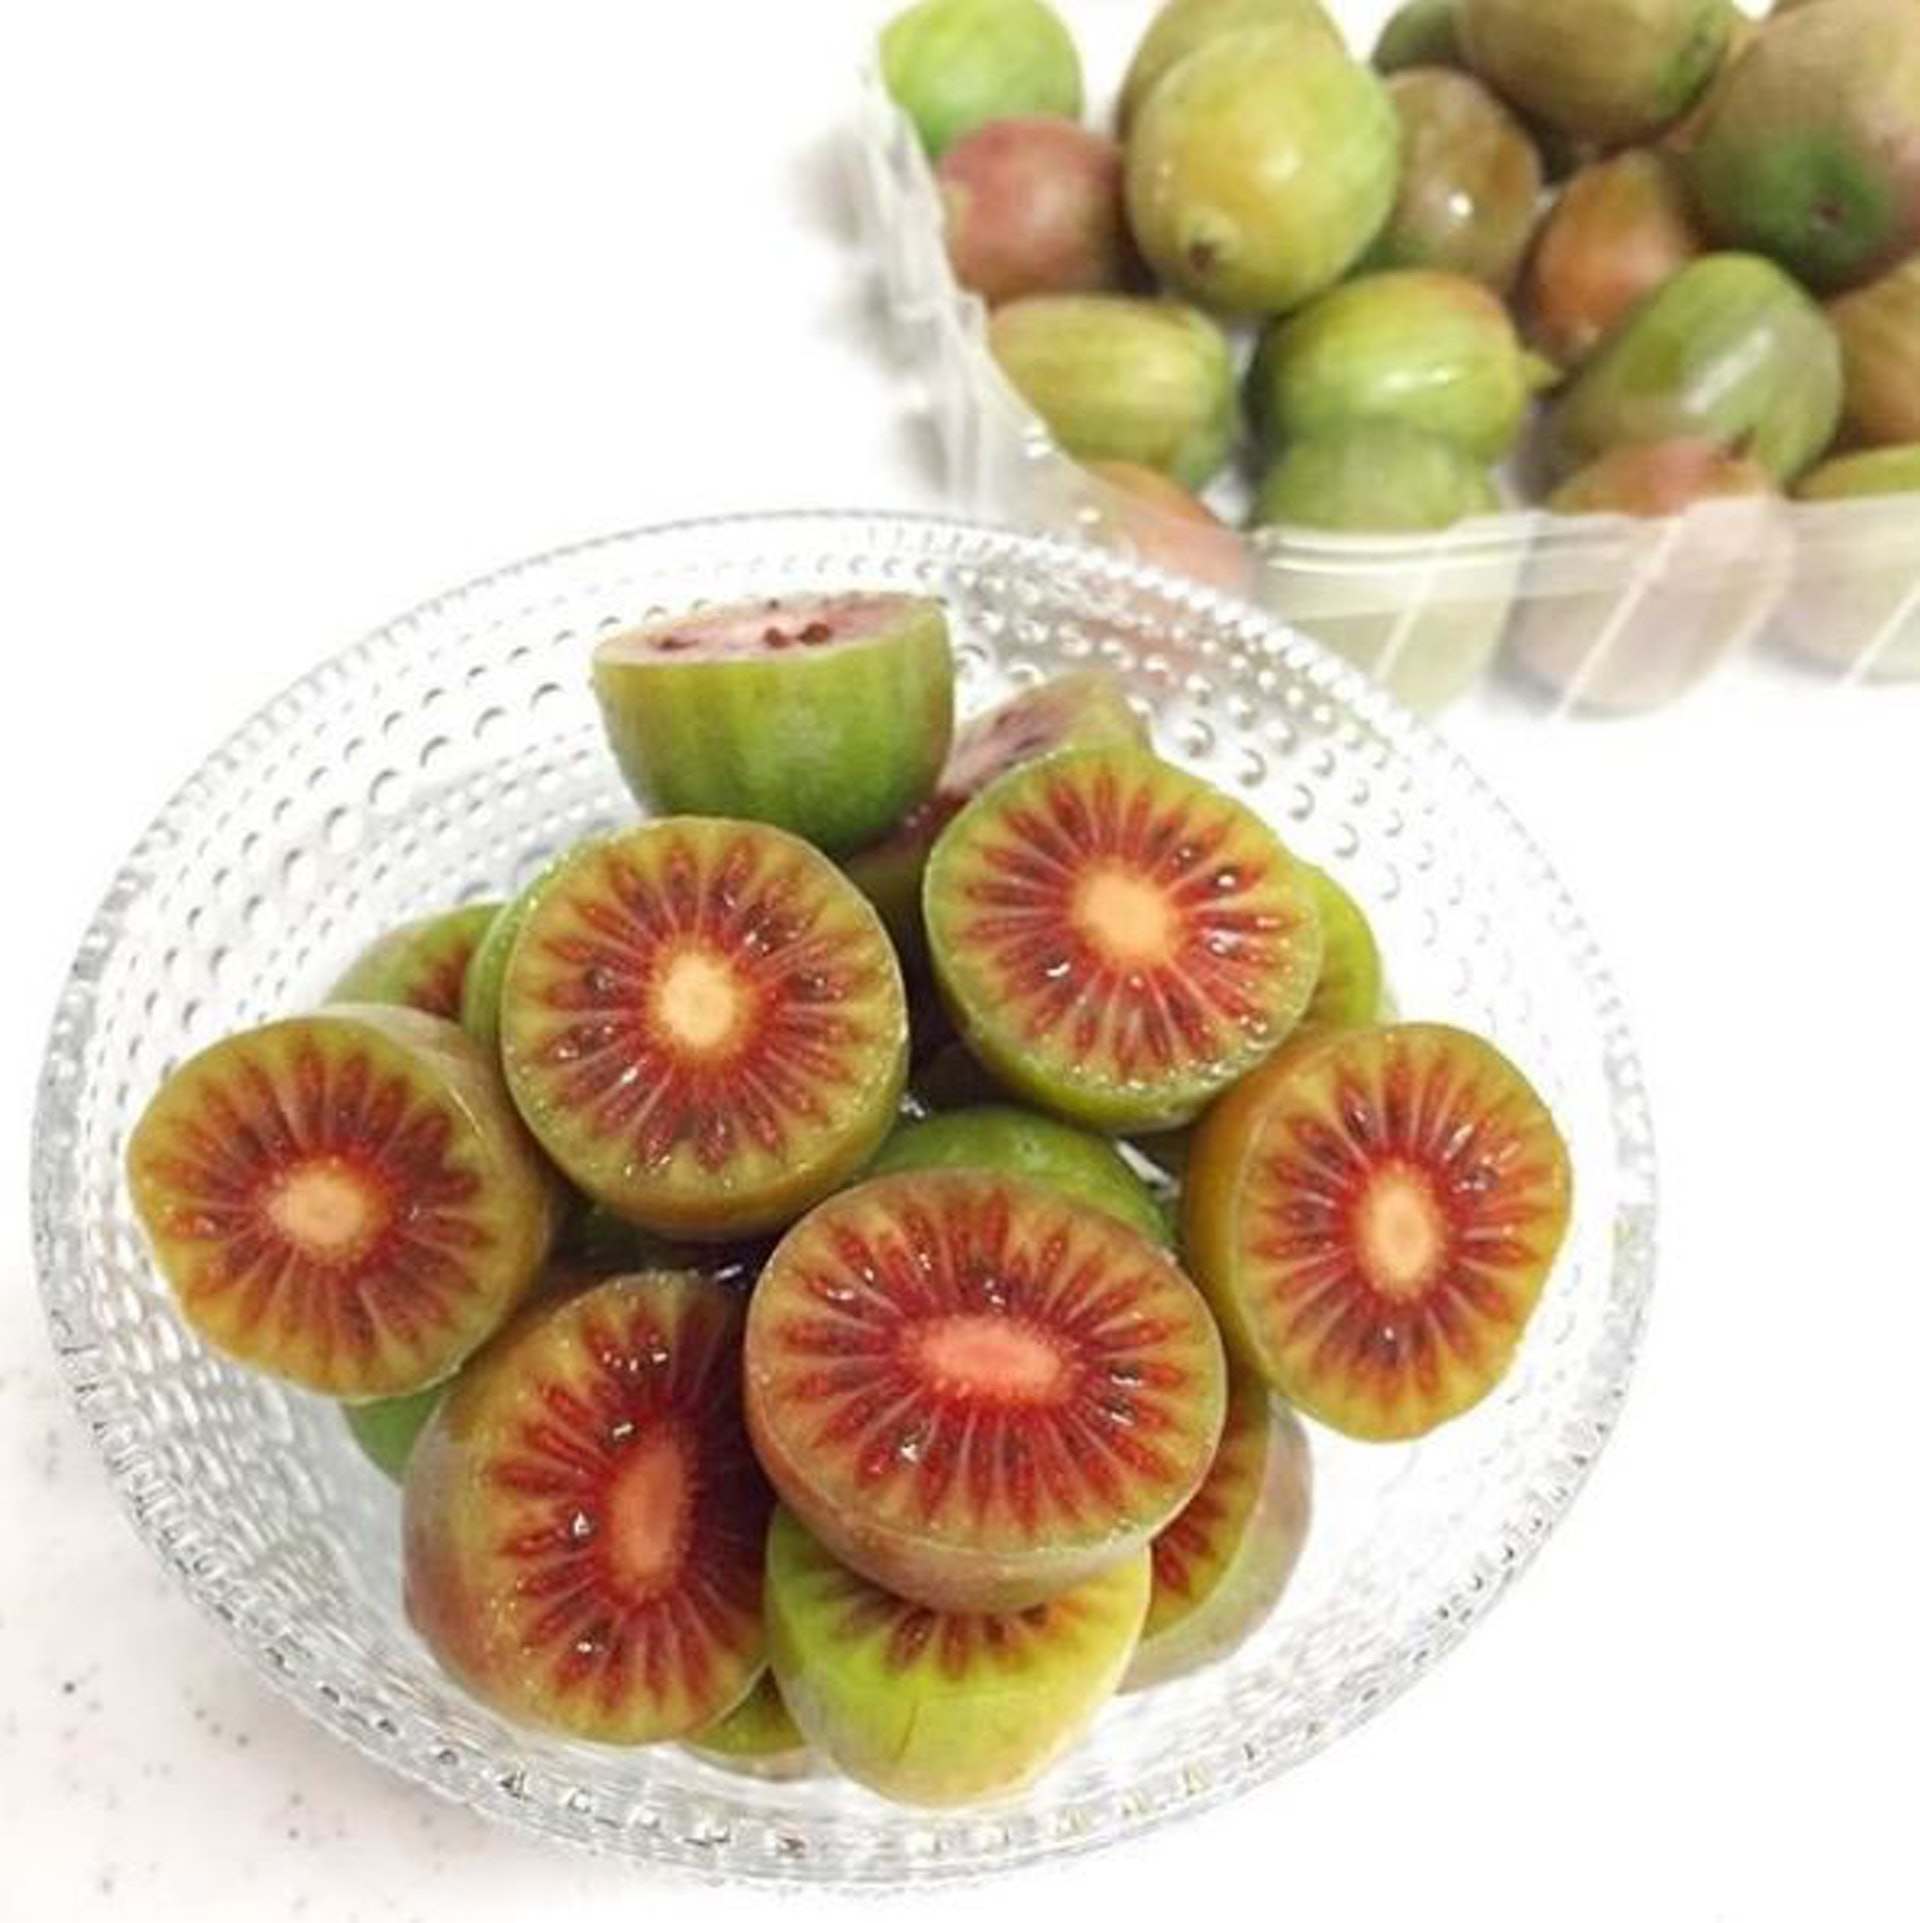 雖然表皮和部分果肉都是青綠色為主,但中間亦有紅色果肉,長得像朵綻放的花。(Instagram:mai_nknk2)